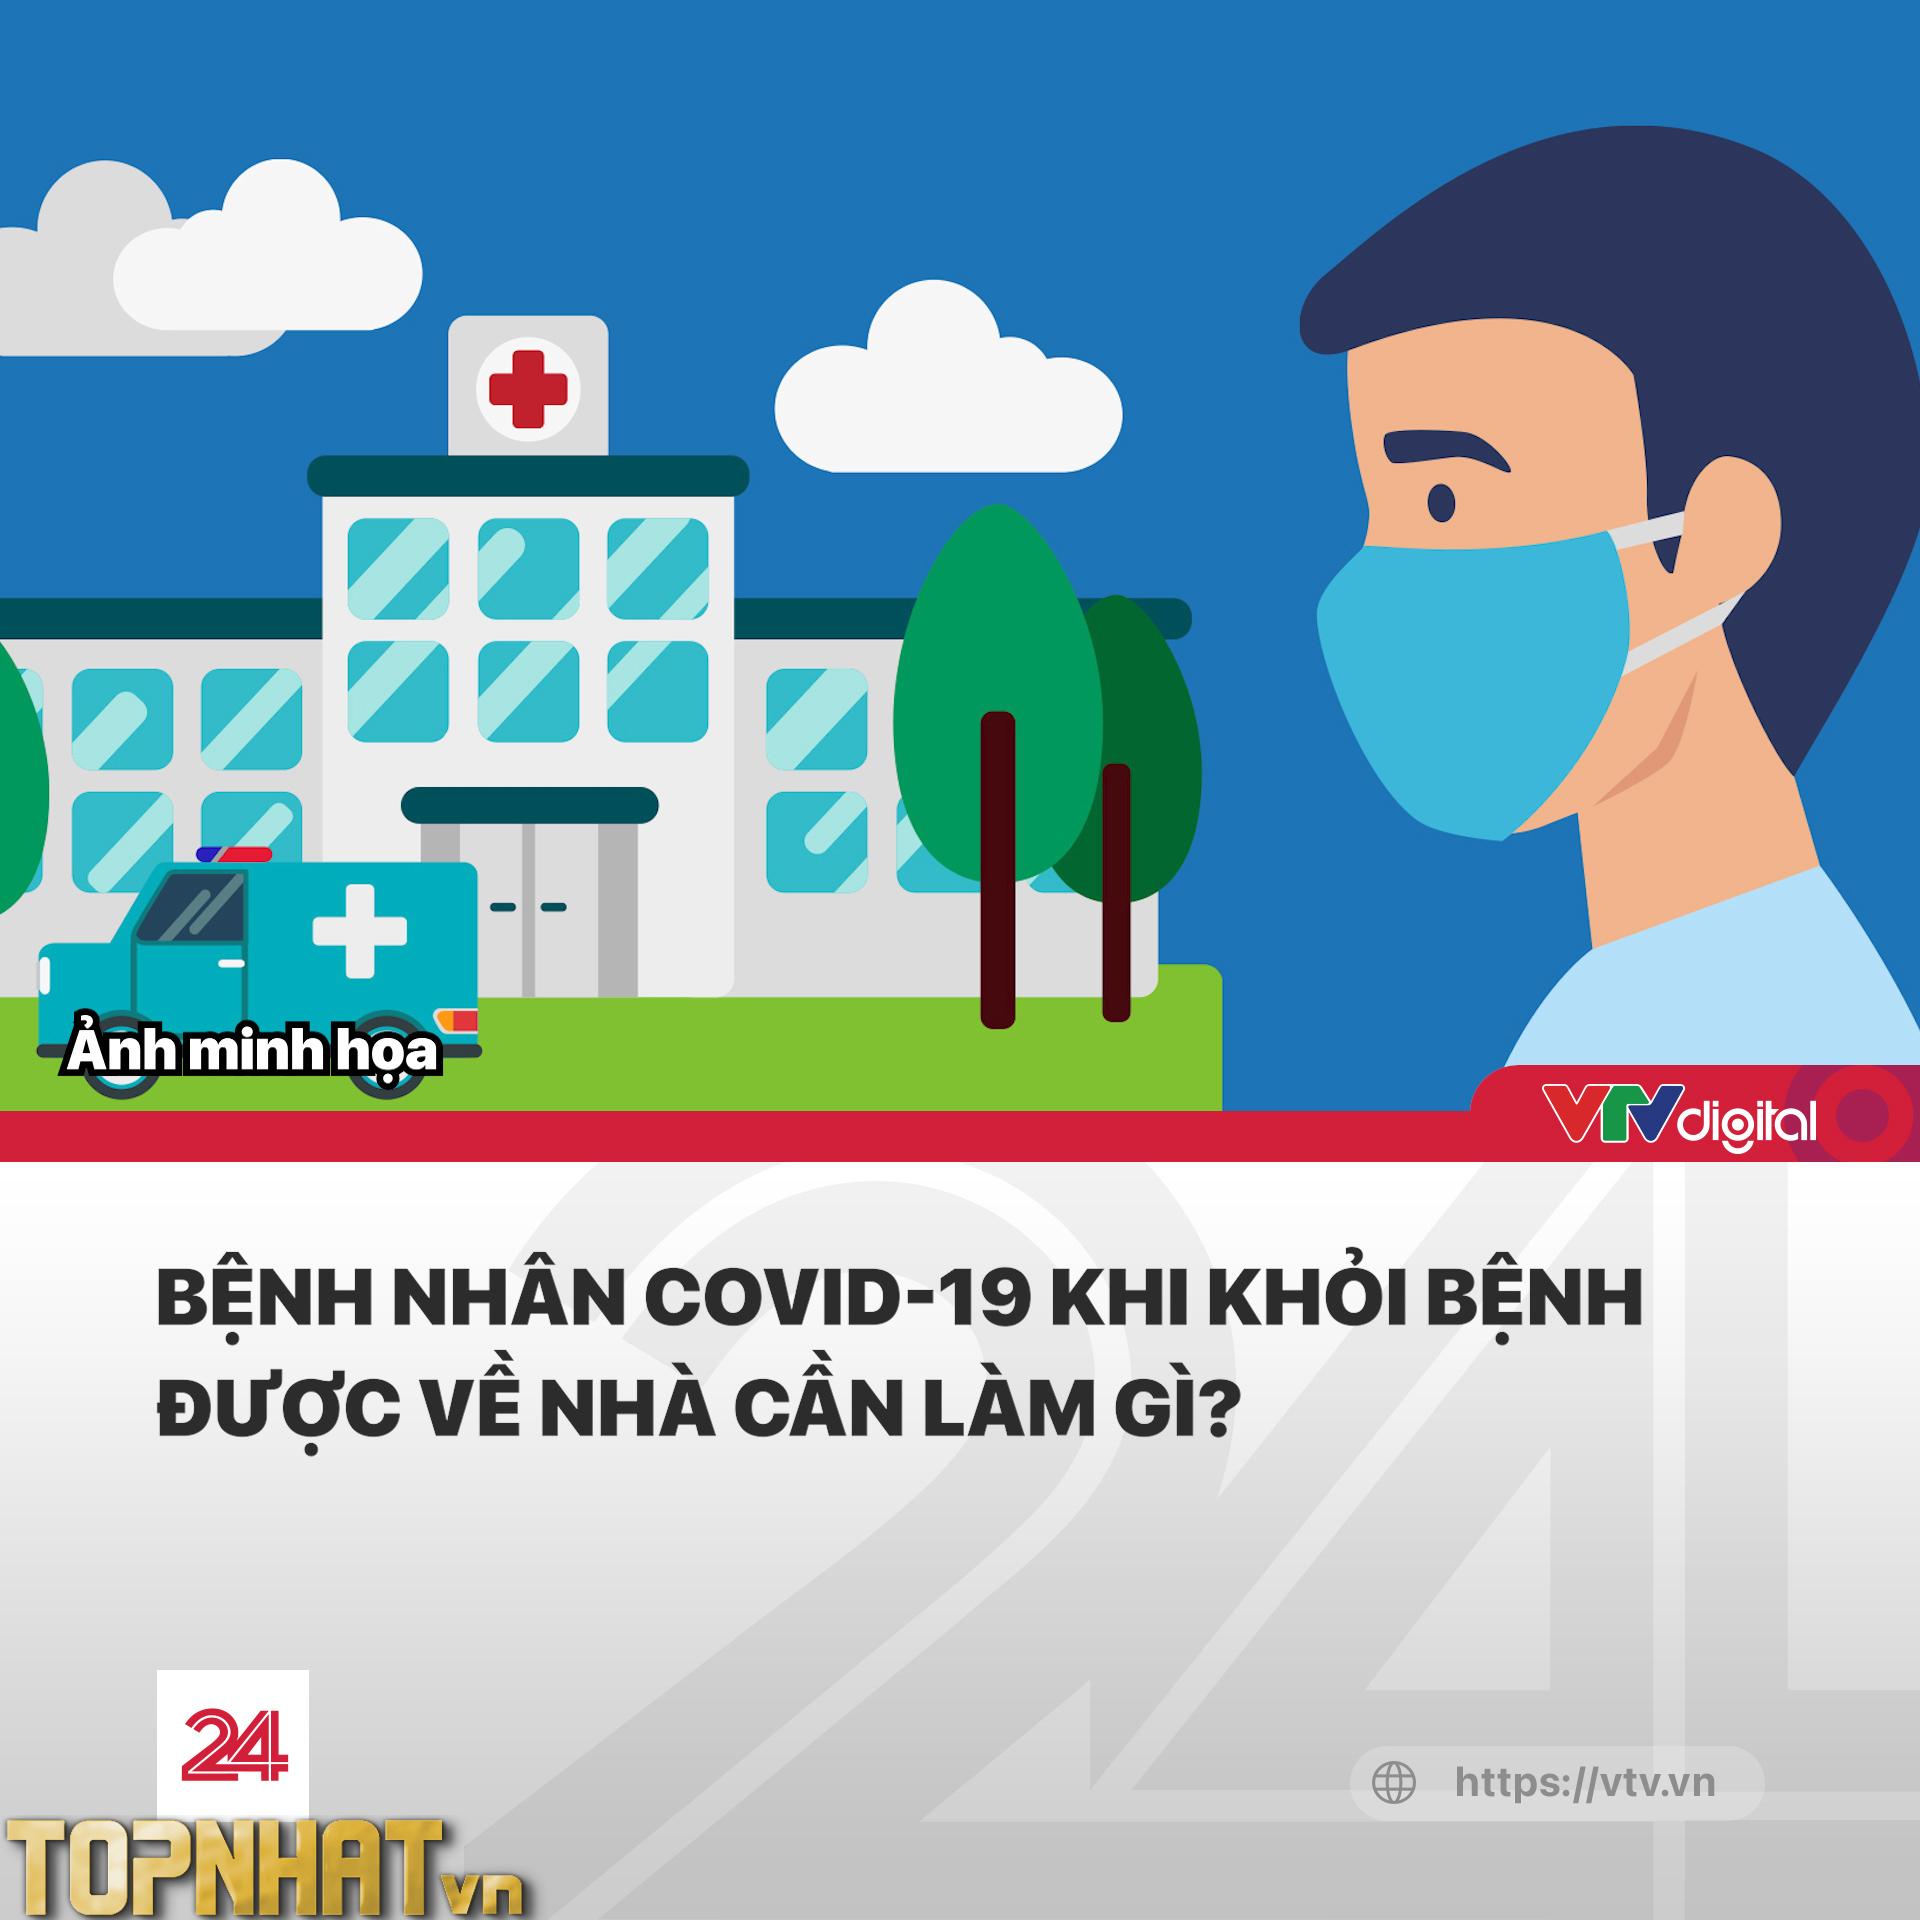 Bệnh nhân covid khỏi bệnh cần làm gì